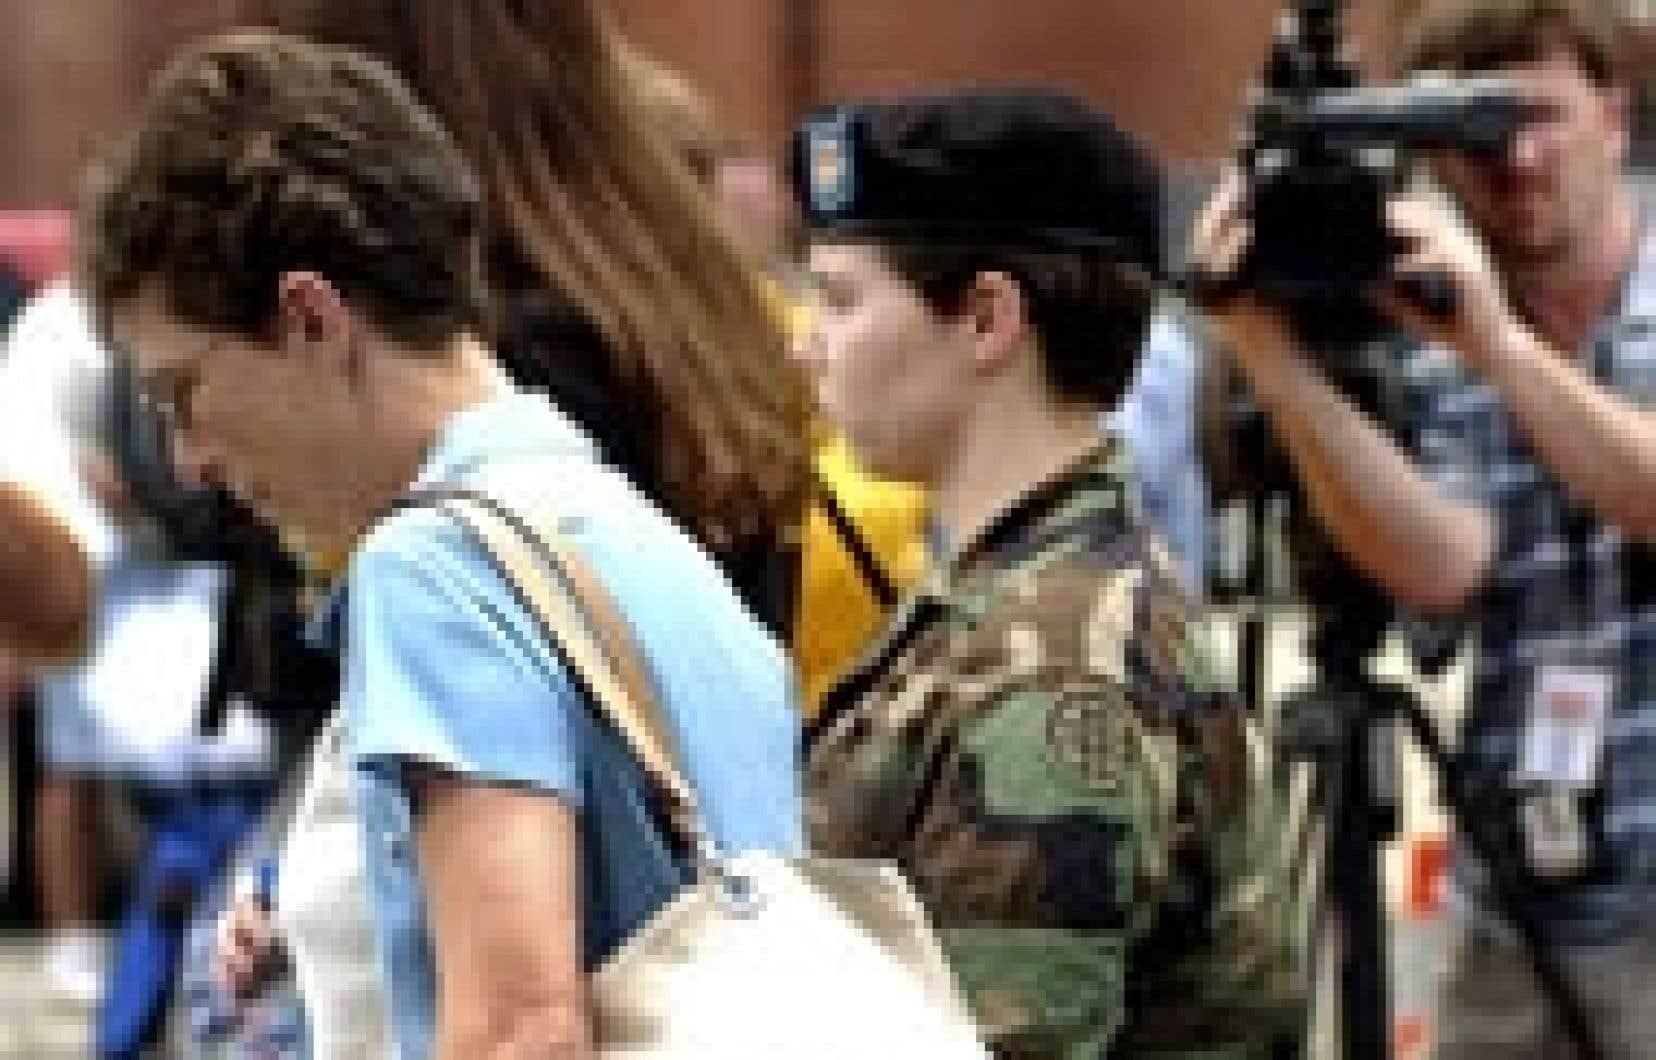 La soldate Lynndie England, qui personnifie le scandale de la prison irakienne d'Abou Ghraïb avec sa photo tenant en laisse un détenu nu, a comparu hier devant une chambre d'accusation militaire devant décider si elle sera jugée par une cour mart